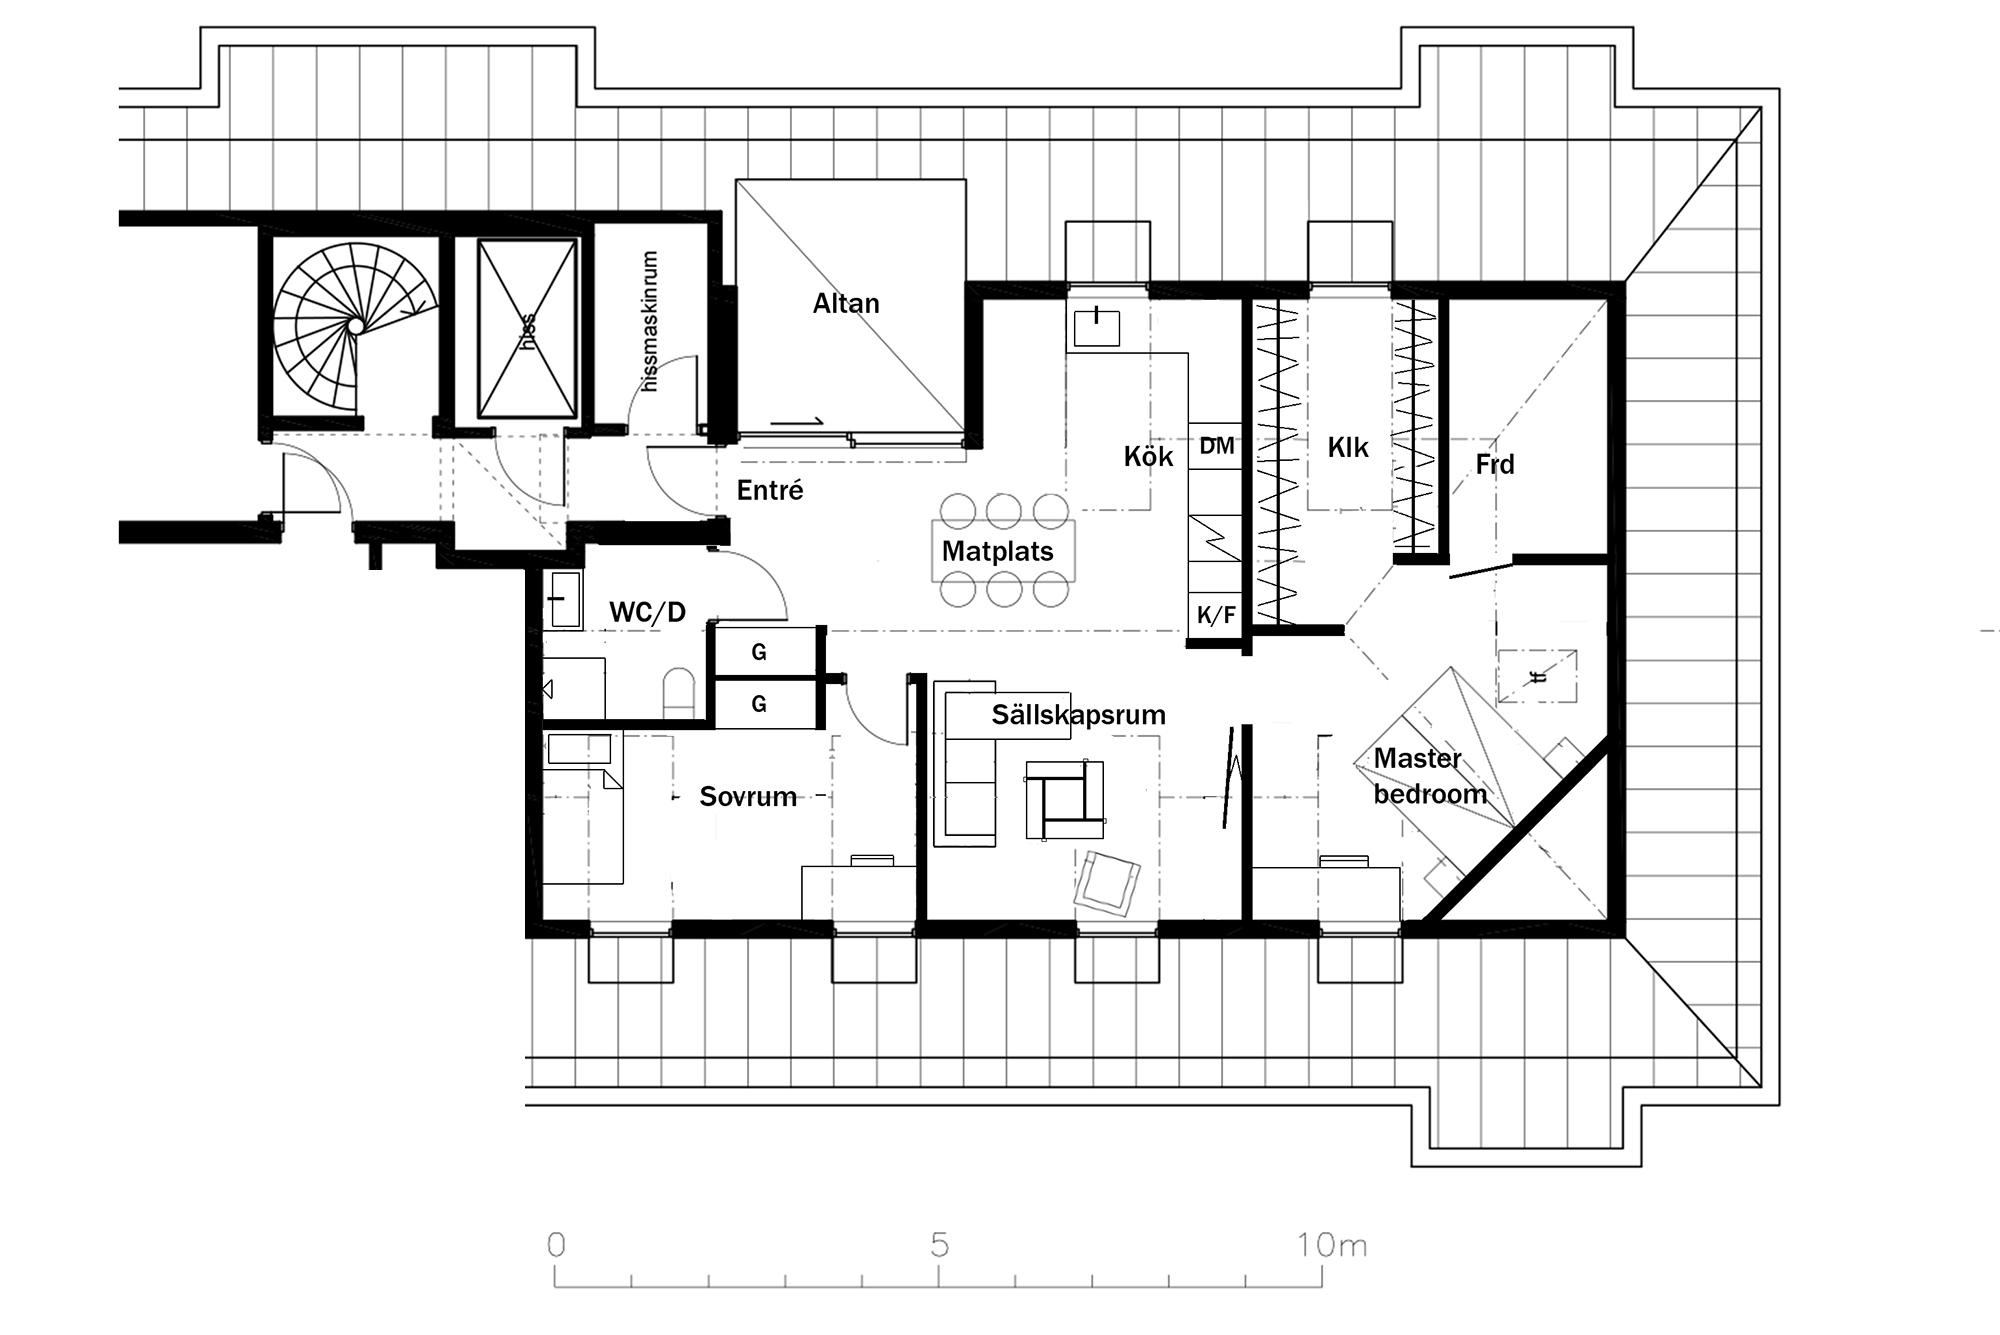 Skiss 77 kvm fasad